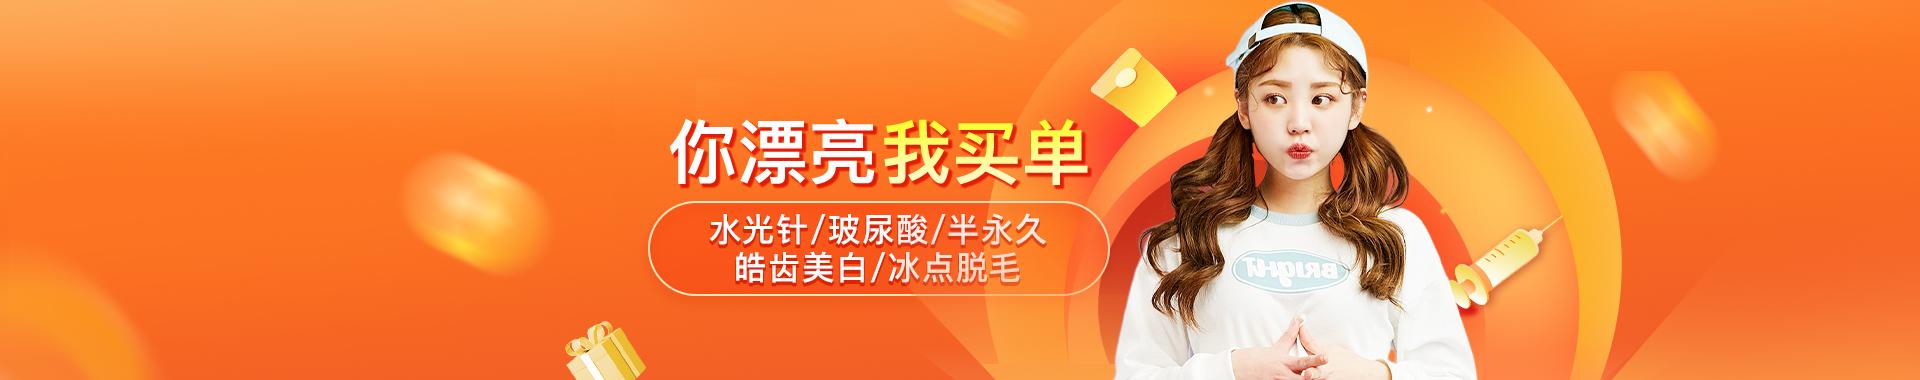 日常霸王餐pc banner